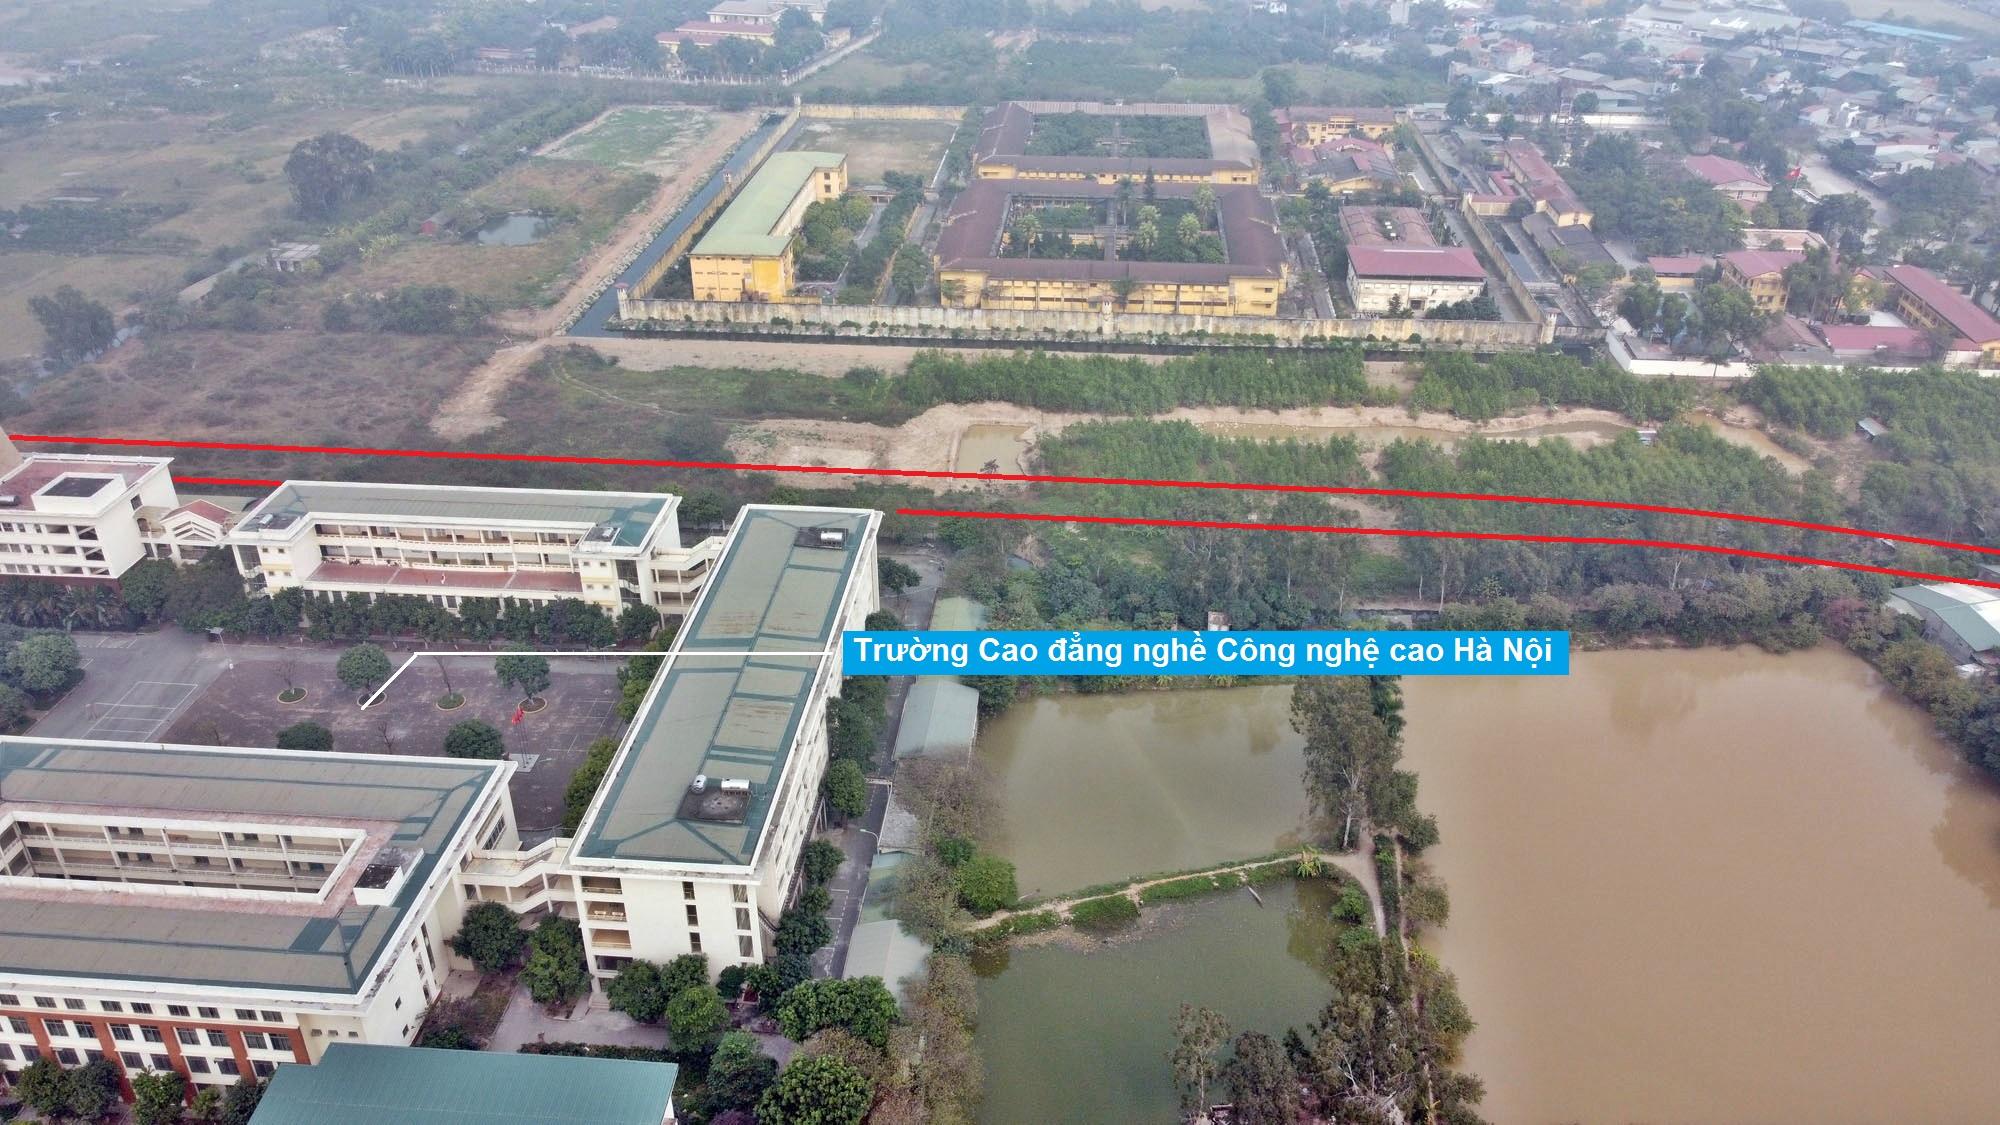 Ba đường sẽ mở theo qui hoạch ở phường Tây Mỗ, Nam Từ Liêm, Hà Nội (phần 2) - Ảnh 4.